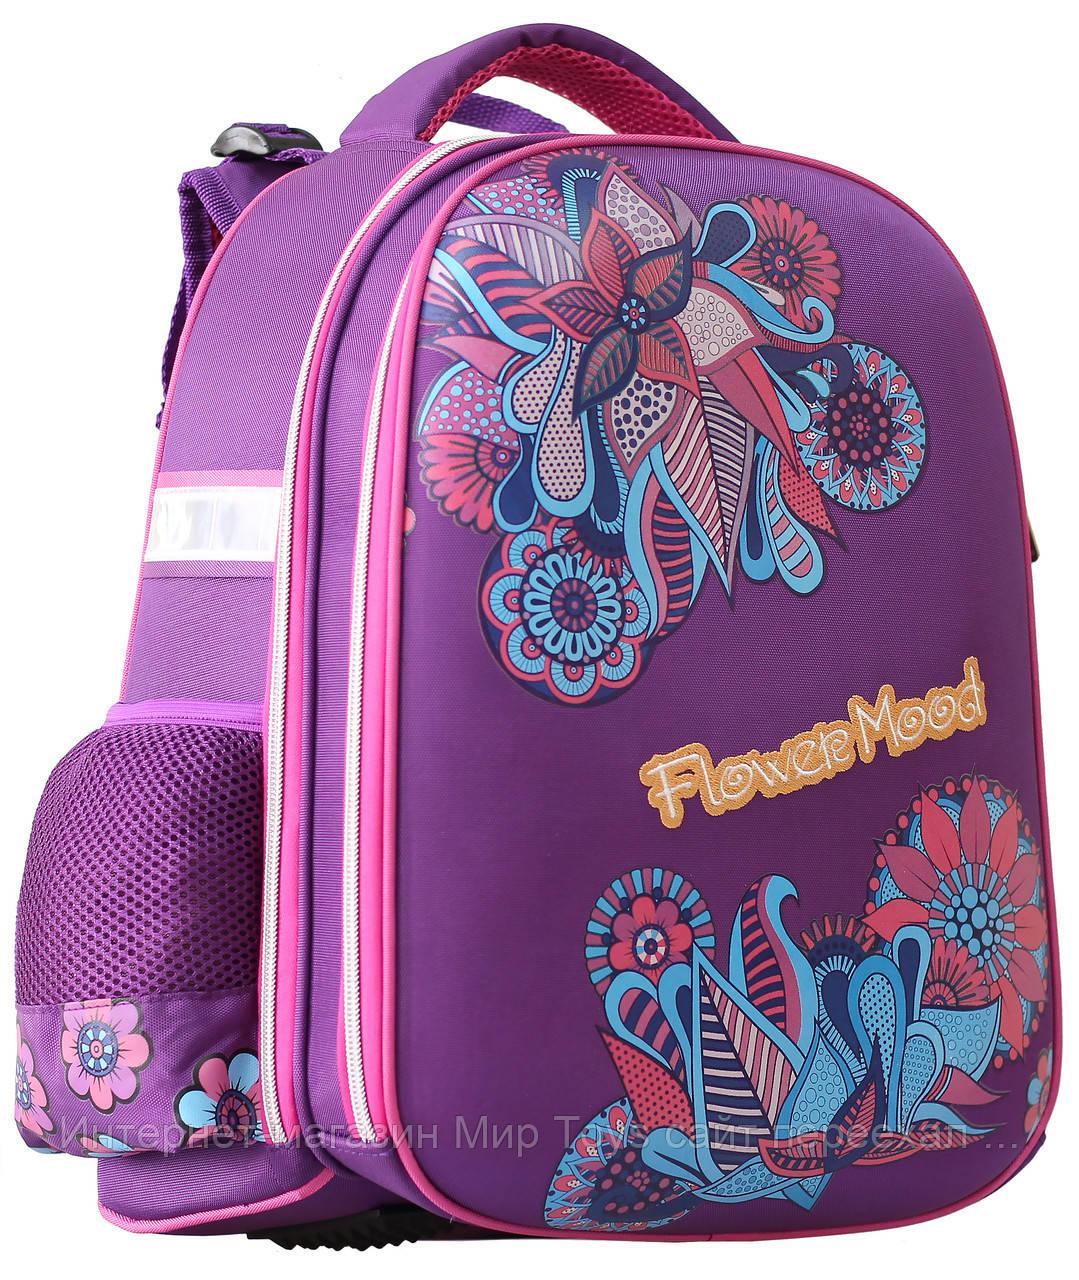 e09a4ba0553b Ранец ортопедический 9819 Flower Mood CLASS для девочки - Интернет-магазин  Мир Toys рюкзаки школьные